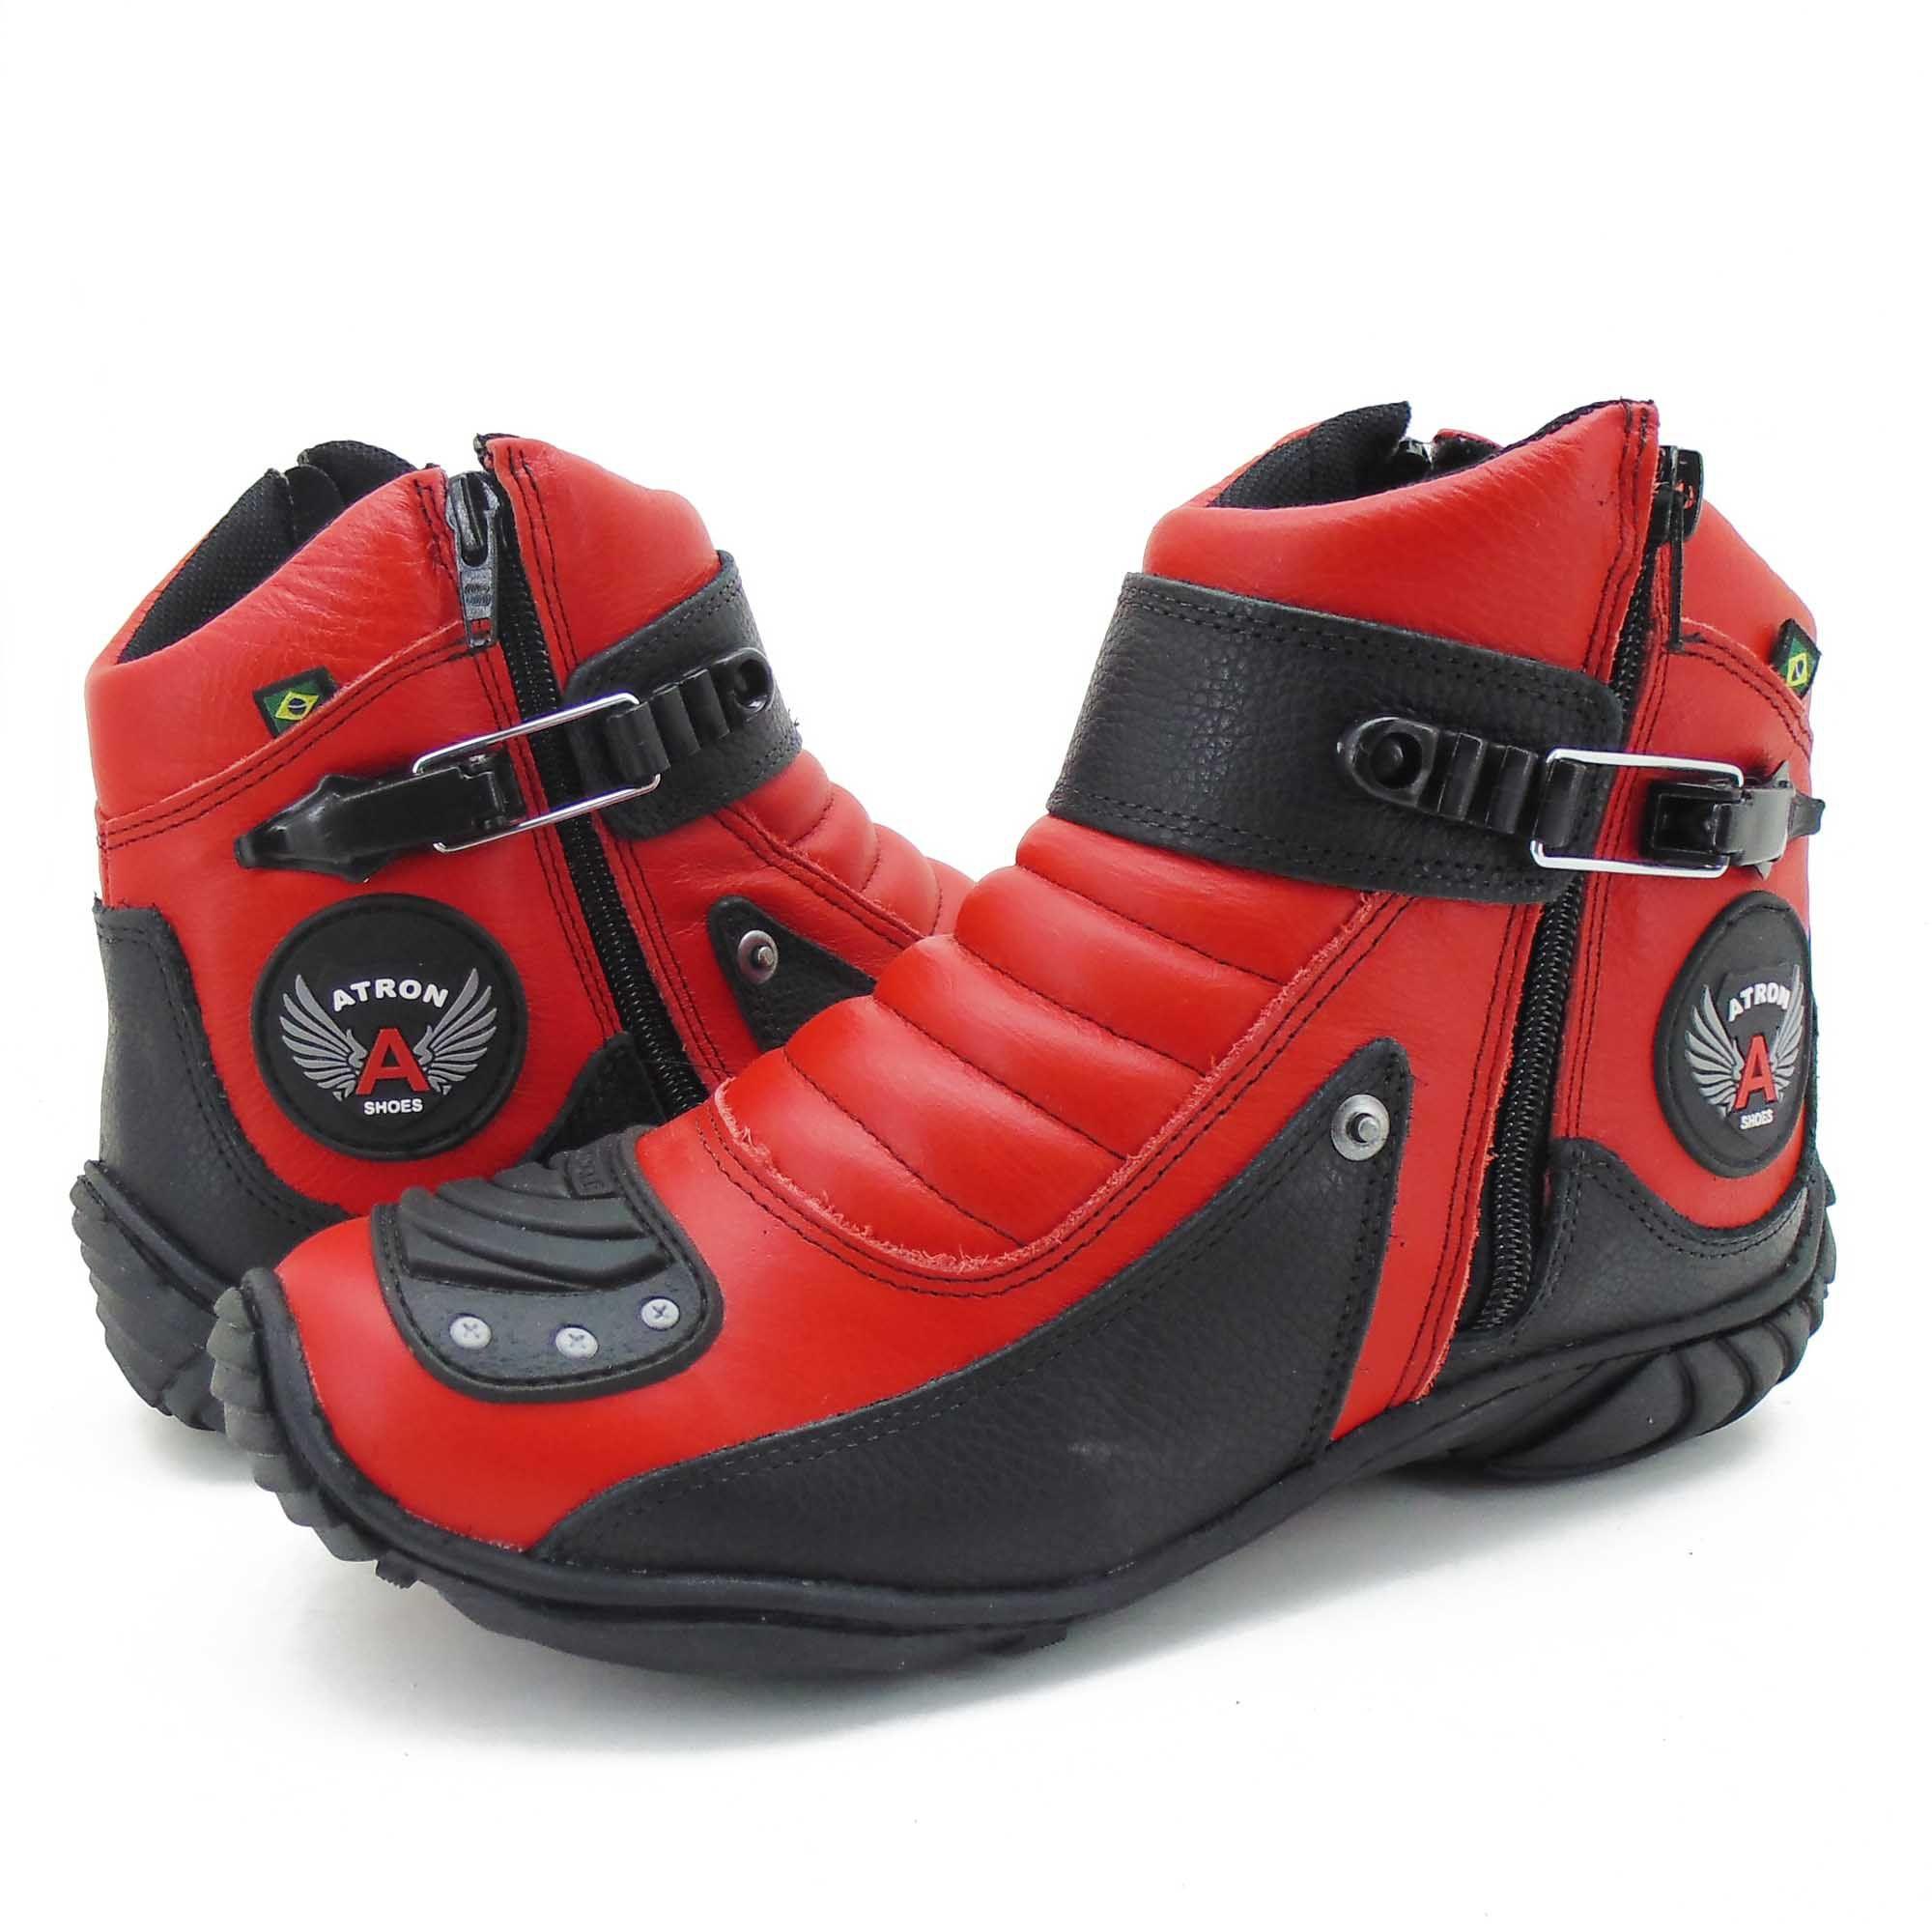 Coturno motociclista em couro legítimo nas cores vermelho e preto 304